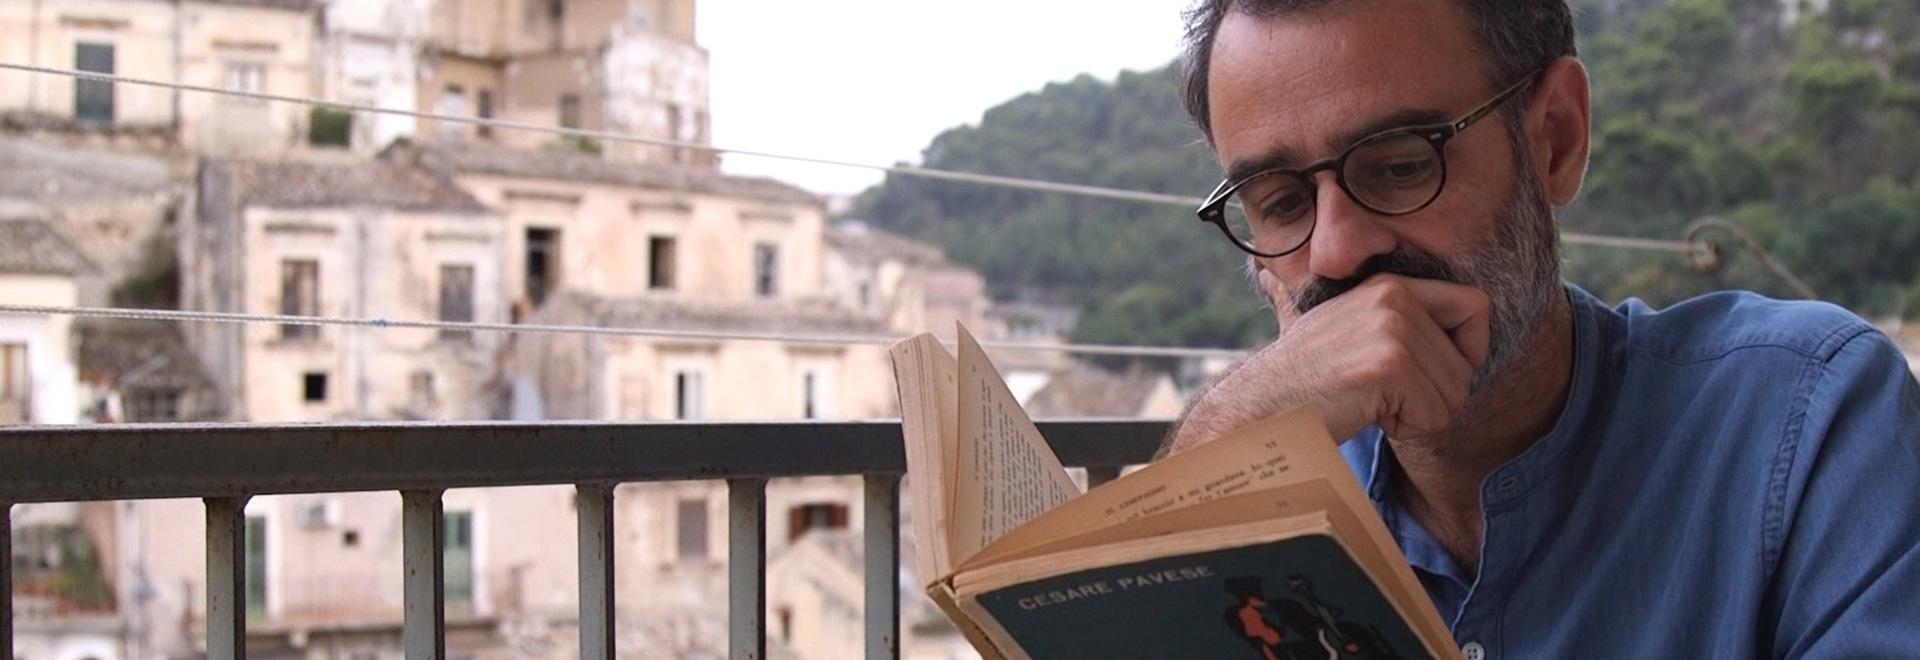 Carlo, il lettore tra supense e sorpresa